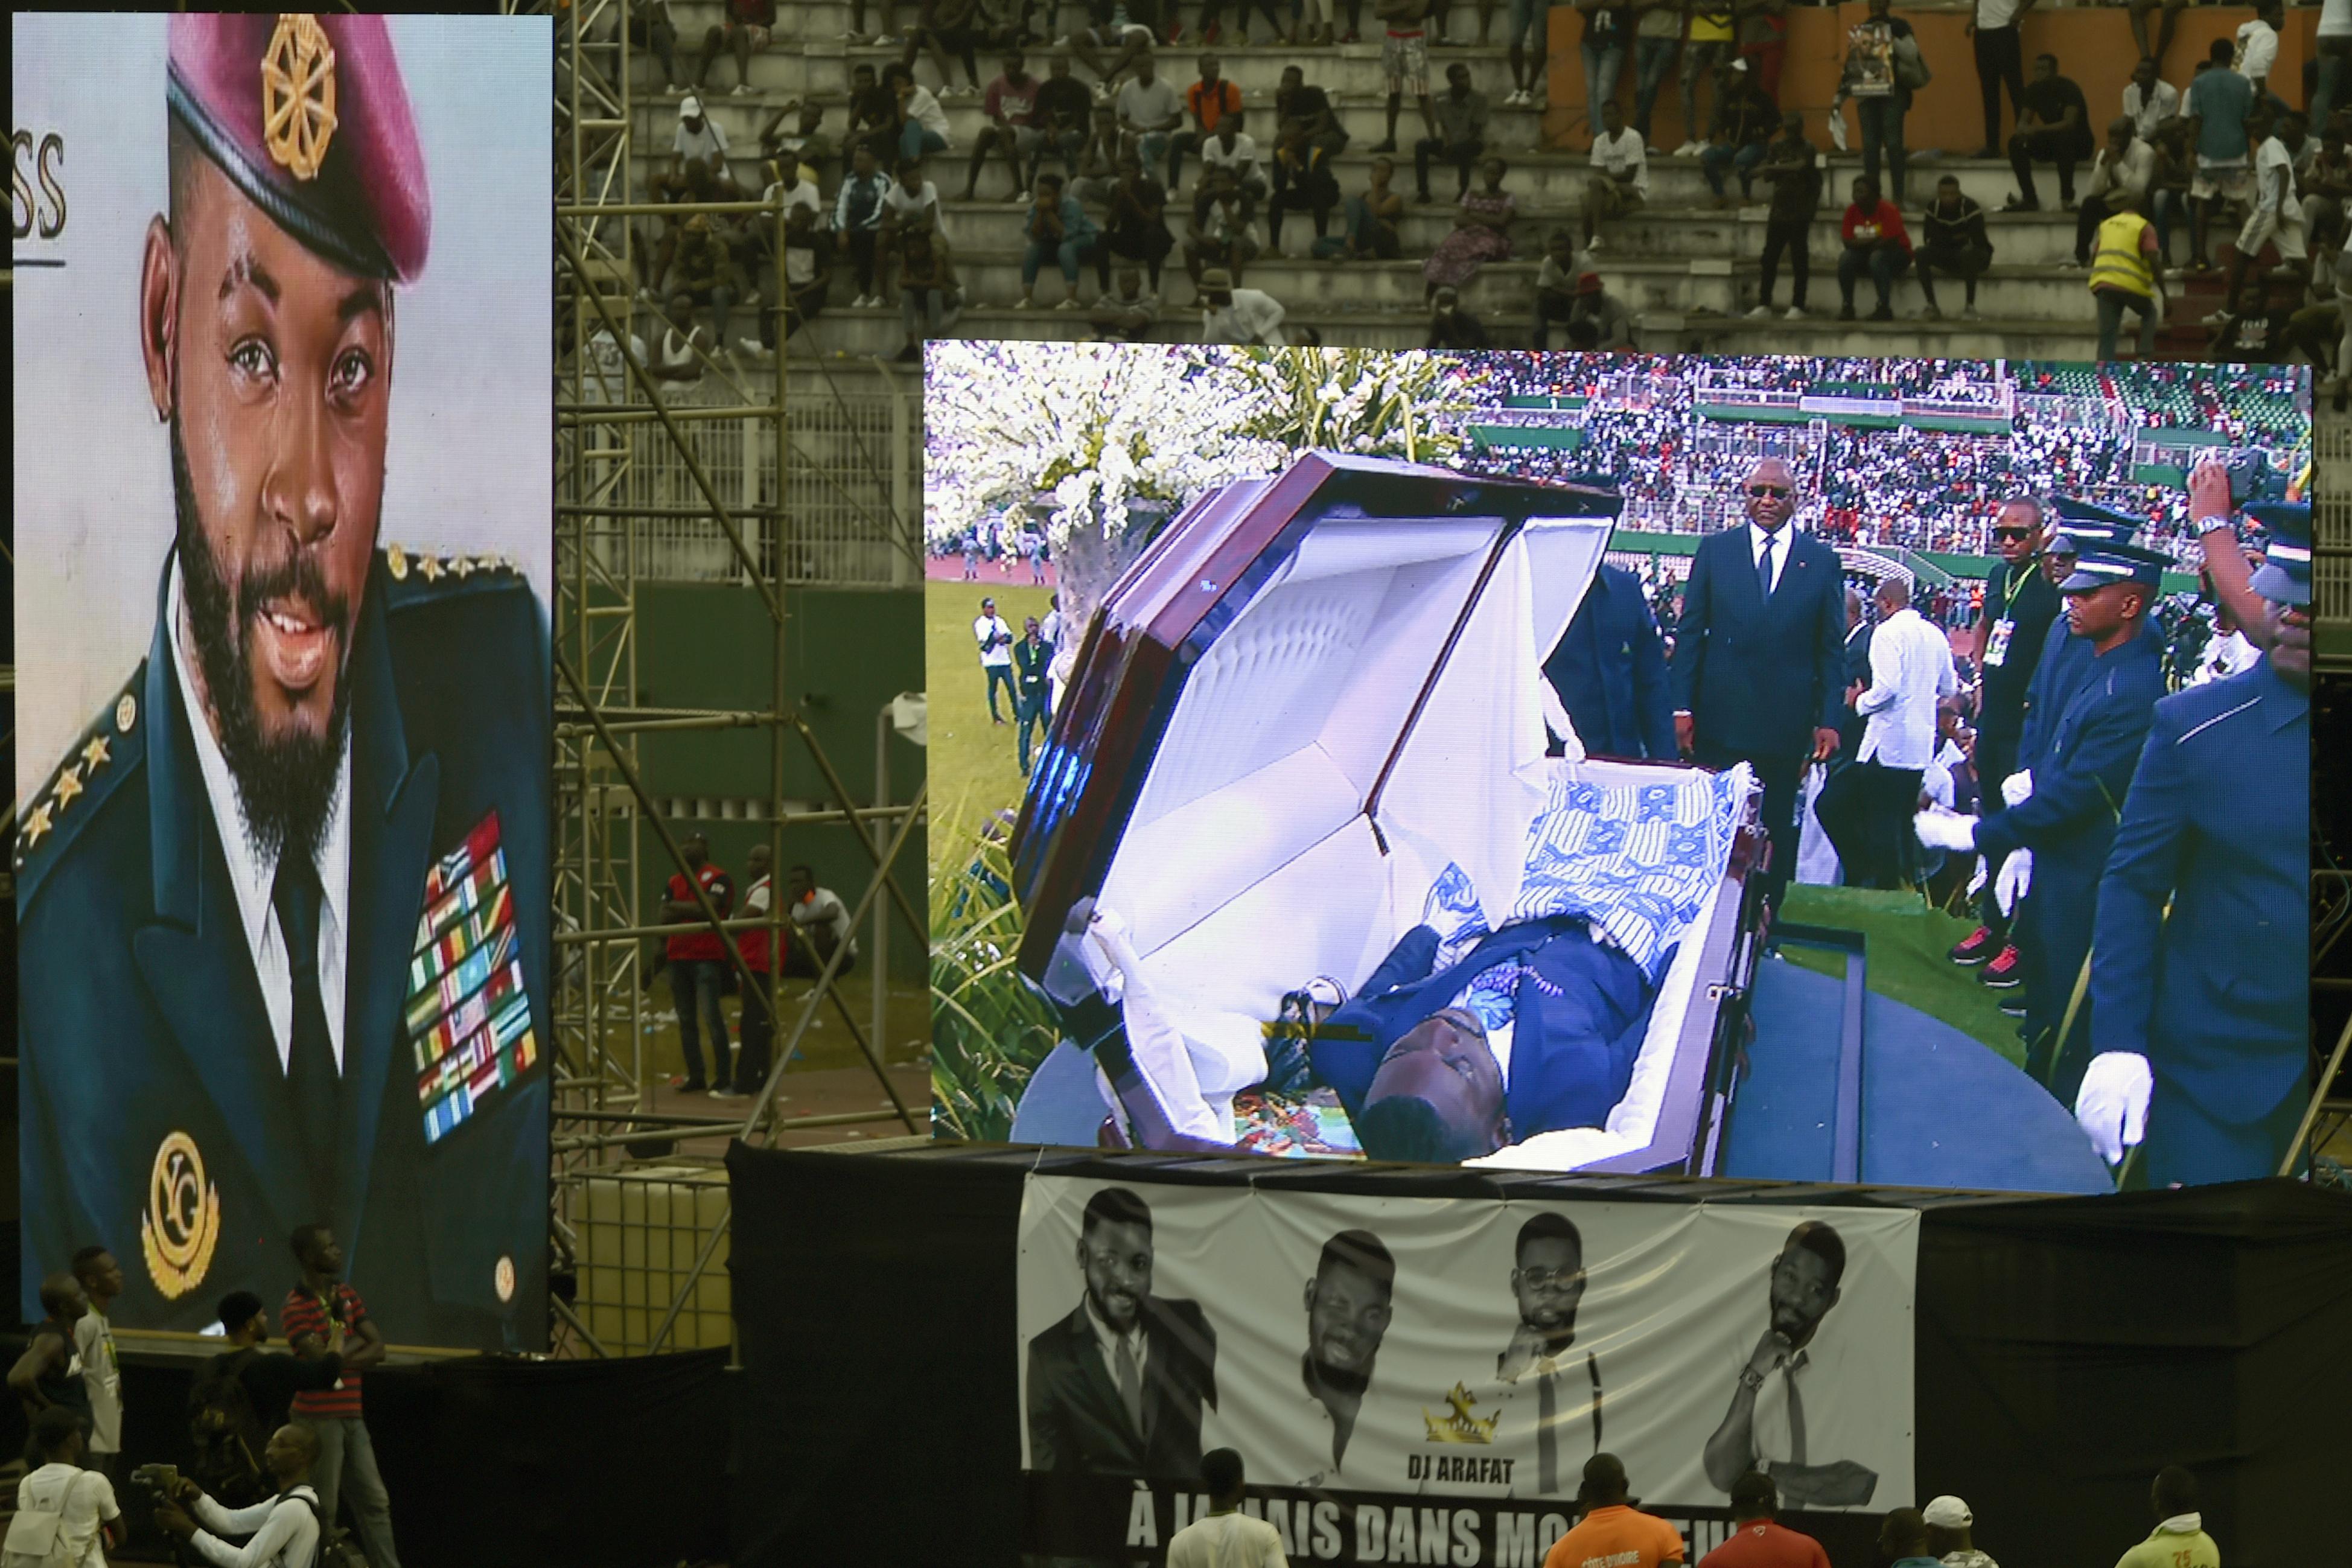 A rajongók felnyitották az elefántcsontparti DJ koporsóját, és levetkőztették a halottat